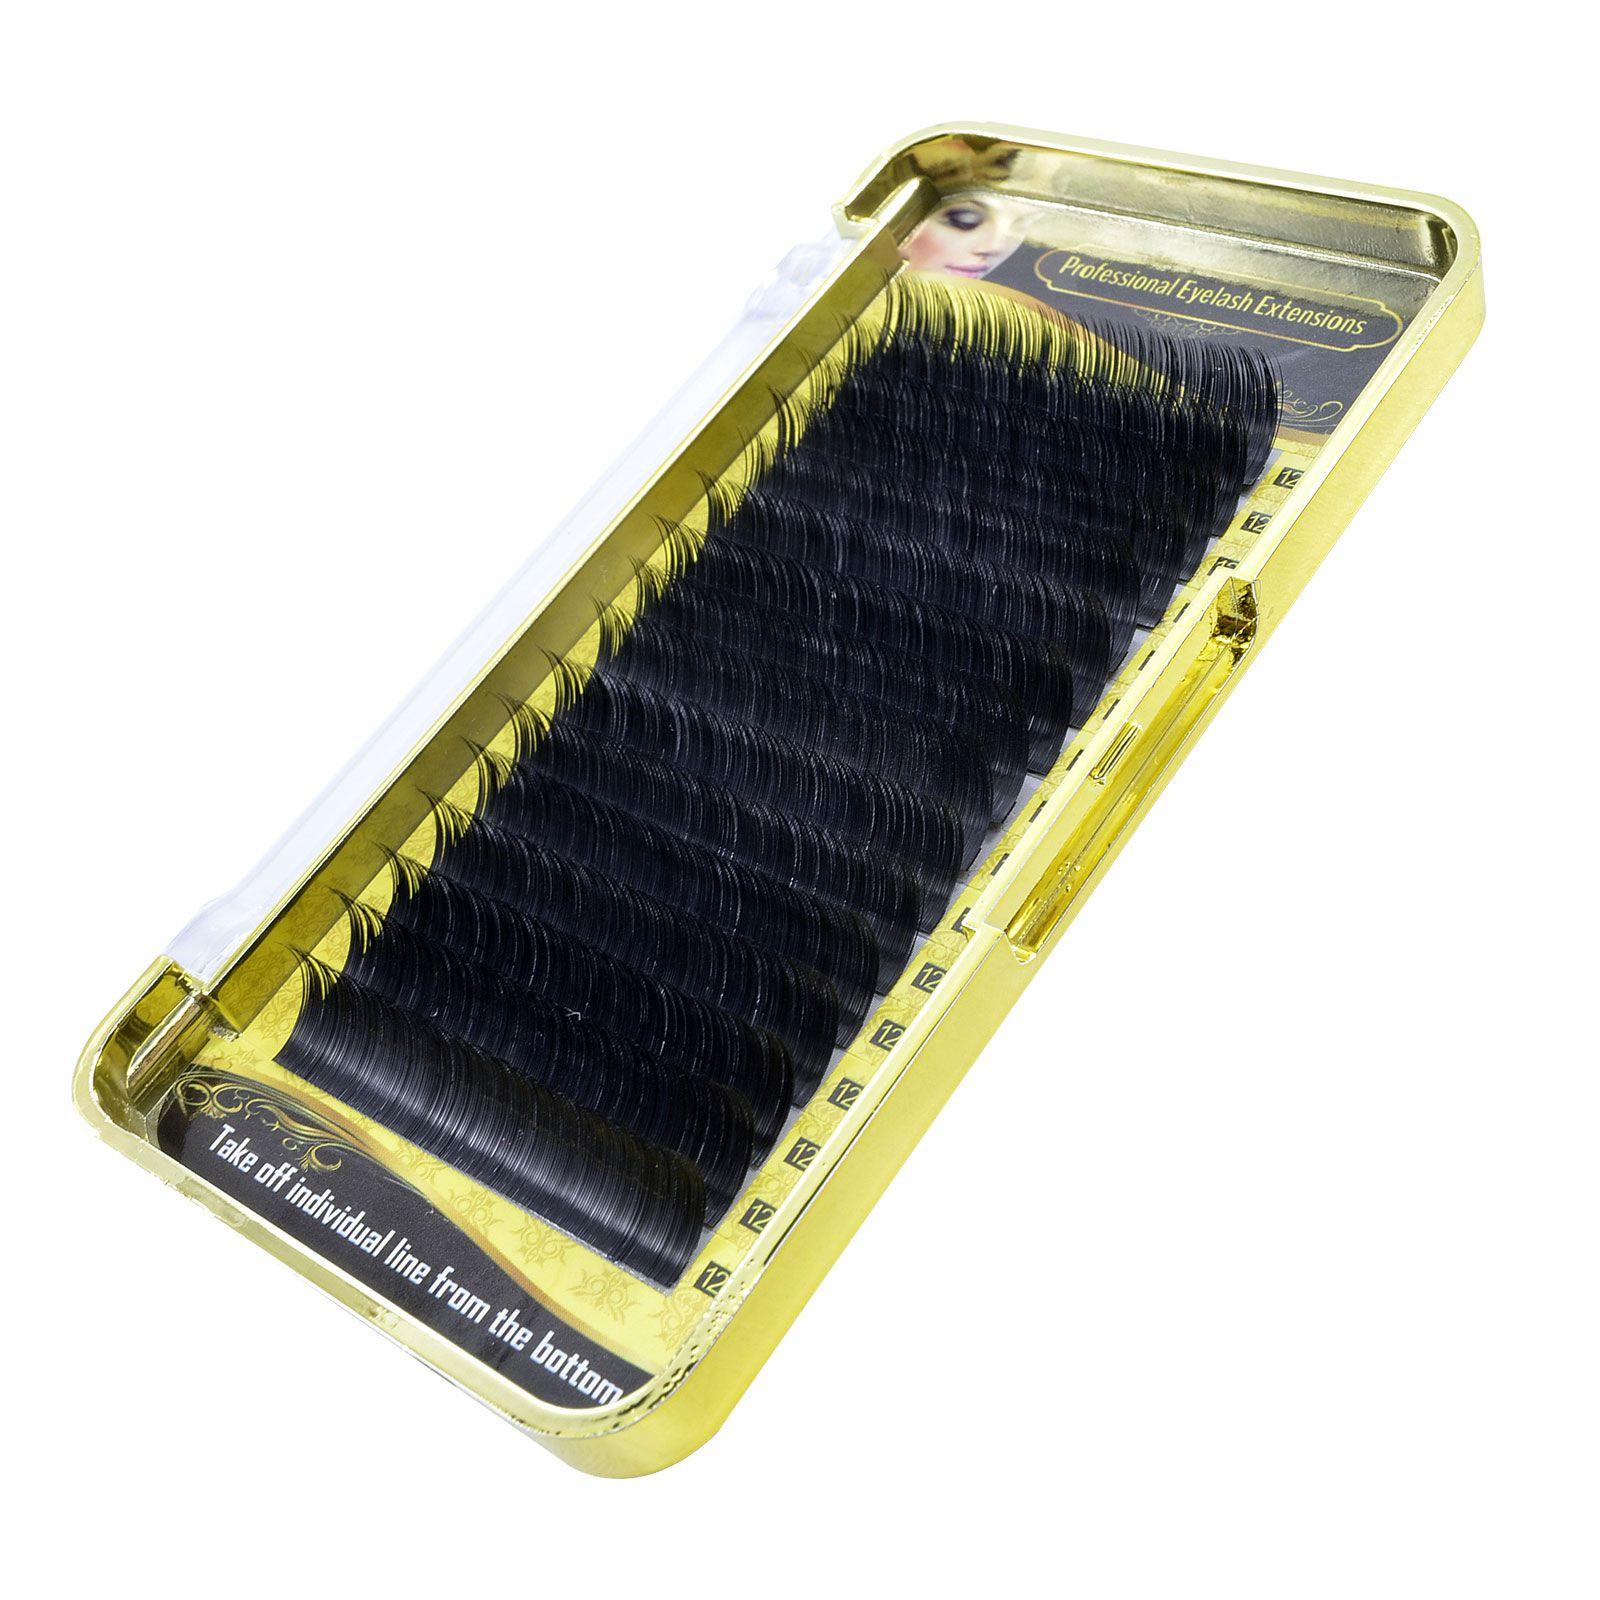 Cílios Fio a Fio Flat Split 0.15 D Buzz Lashes